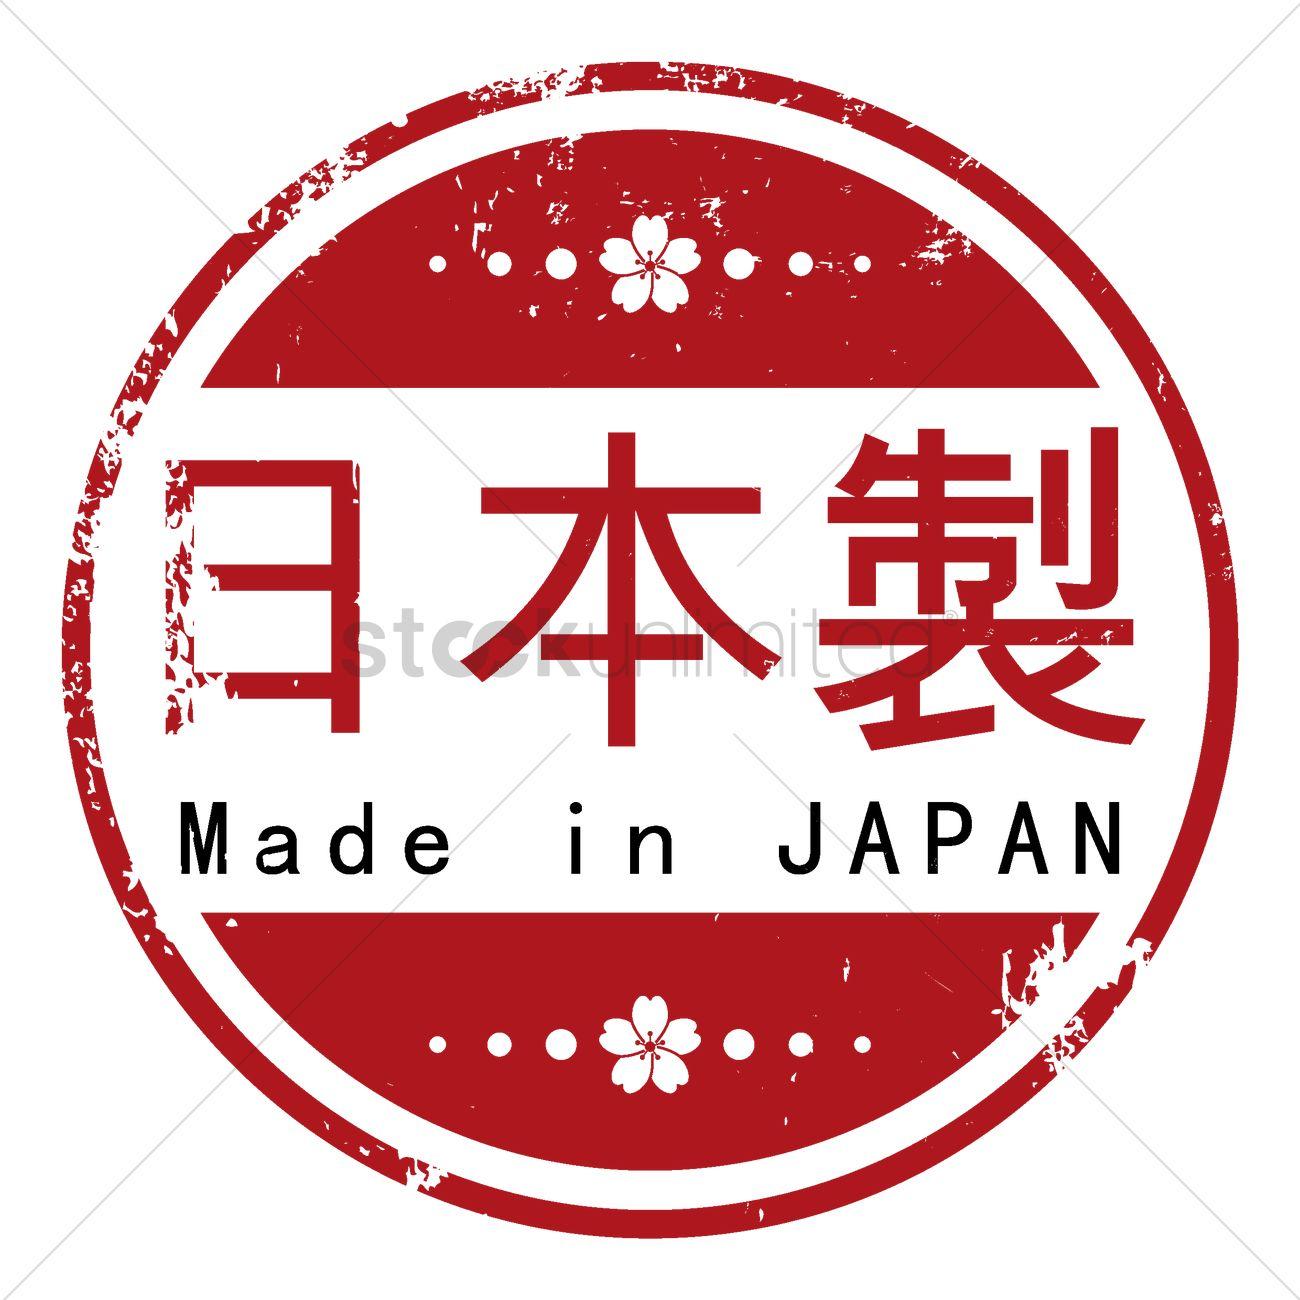 made in japan rubber stamp vector image 1581775. Black Bedroom Furniture Sets. Home Design Ideas